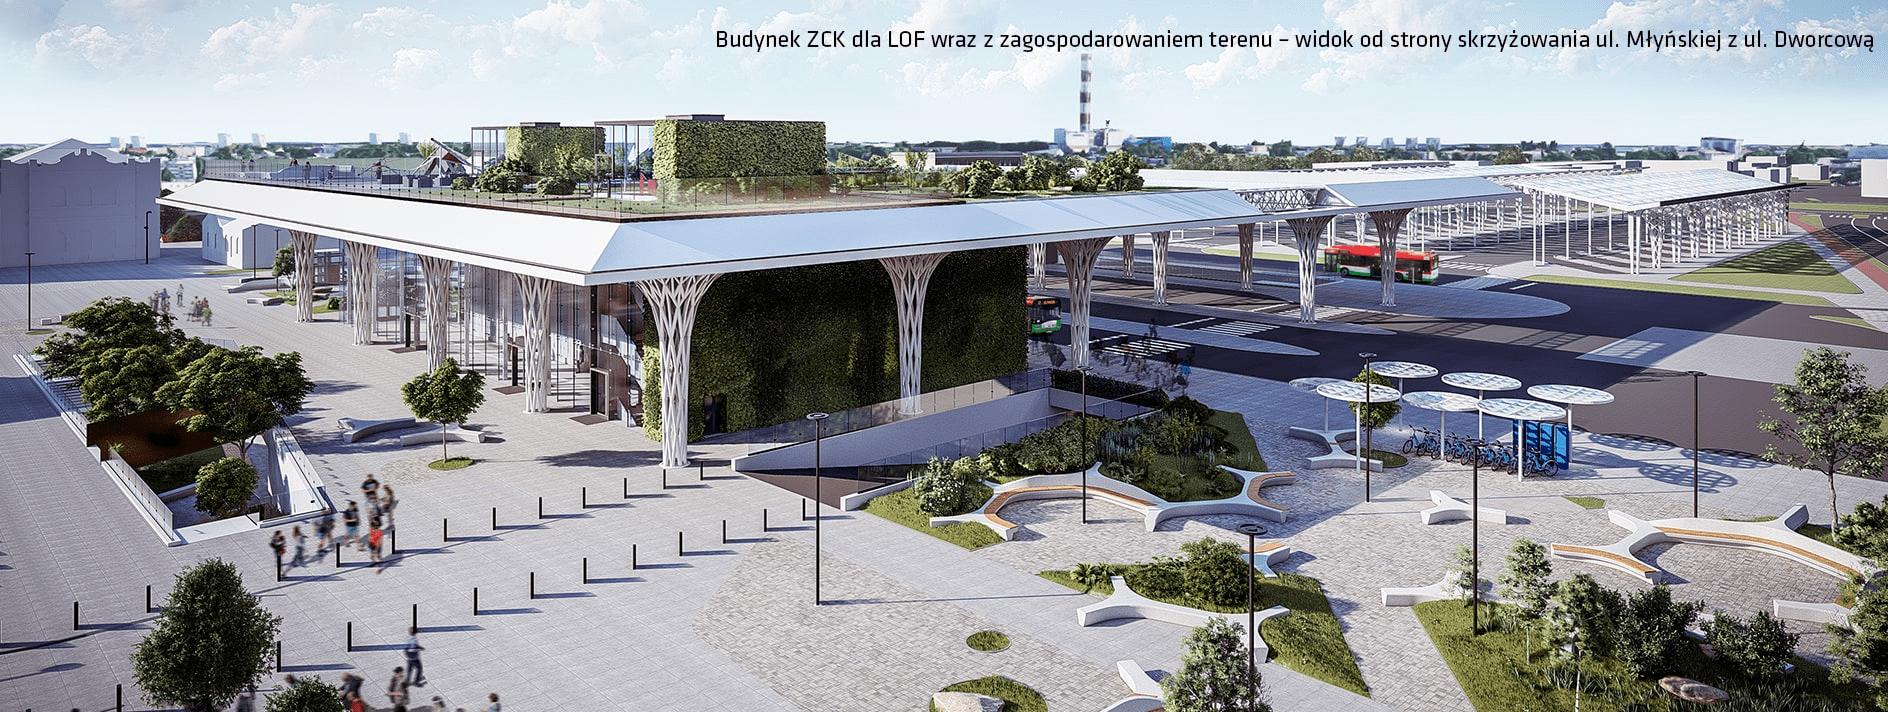 Trzy firmy chcą rozbudować ul. Krochmalną w Lublinie - Zdjęcie główne